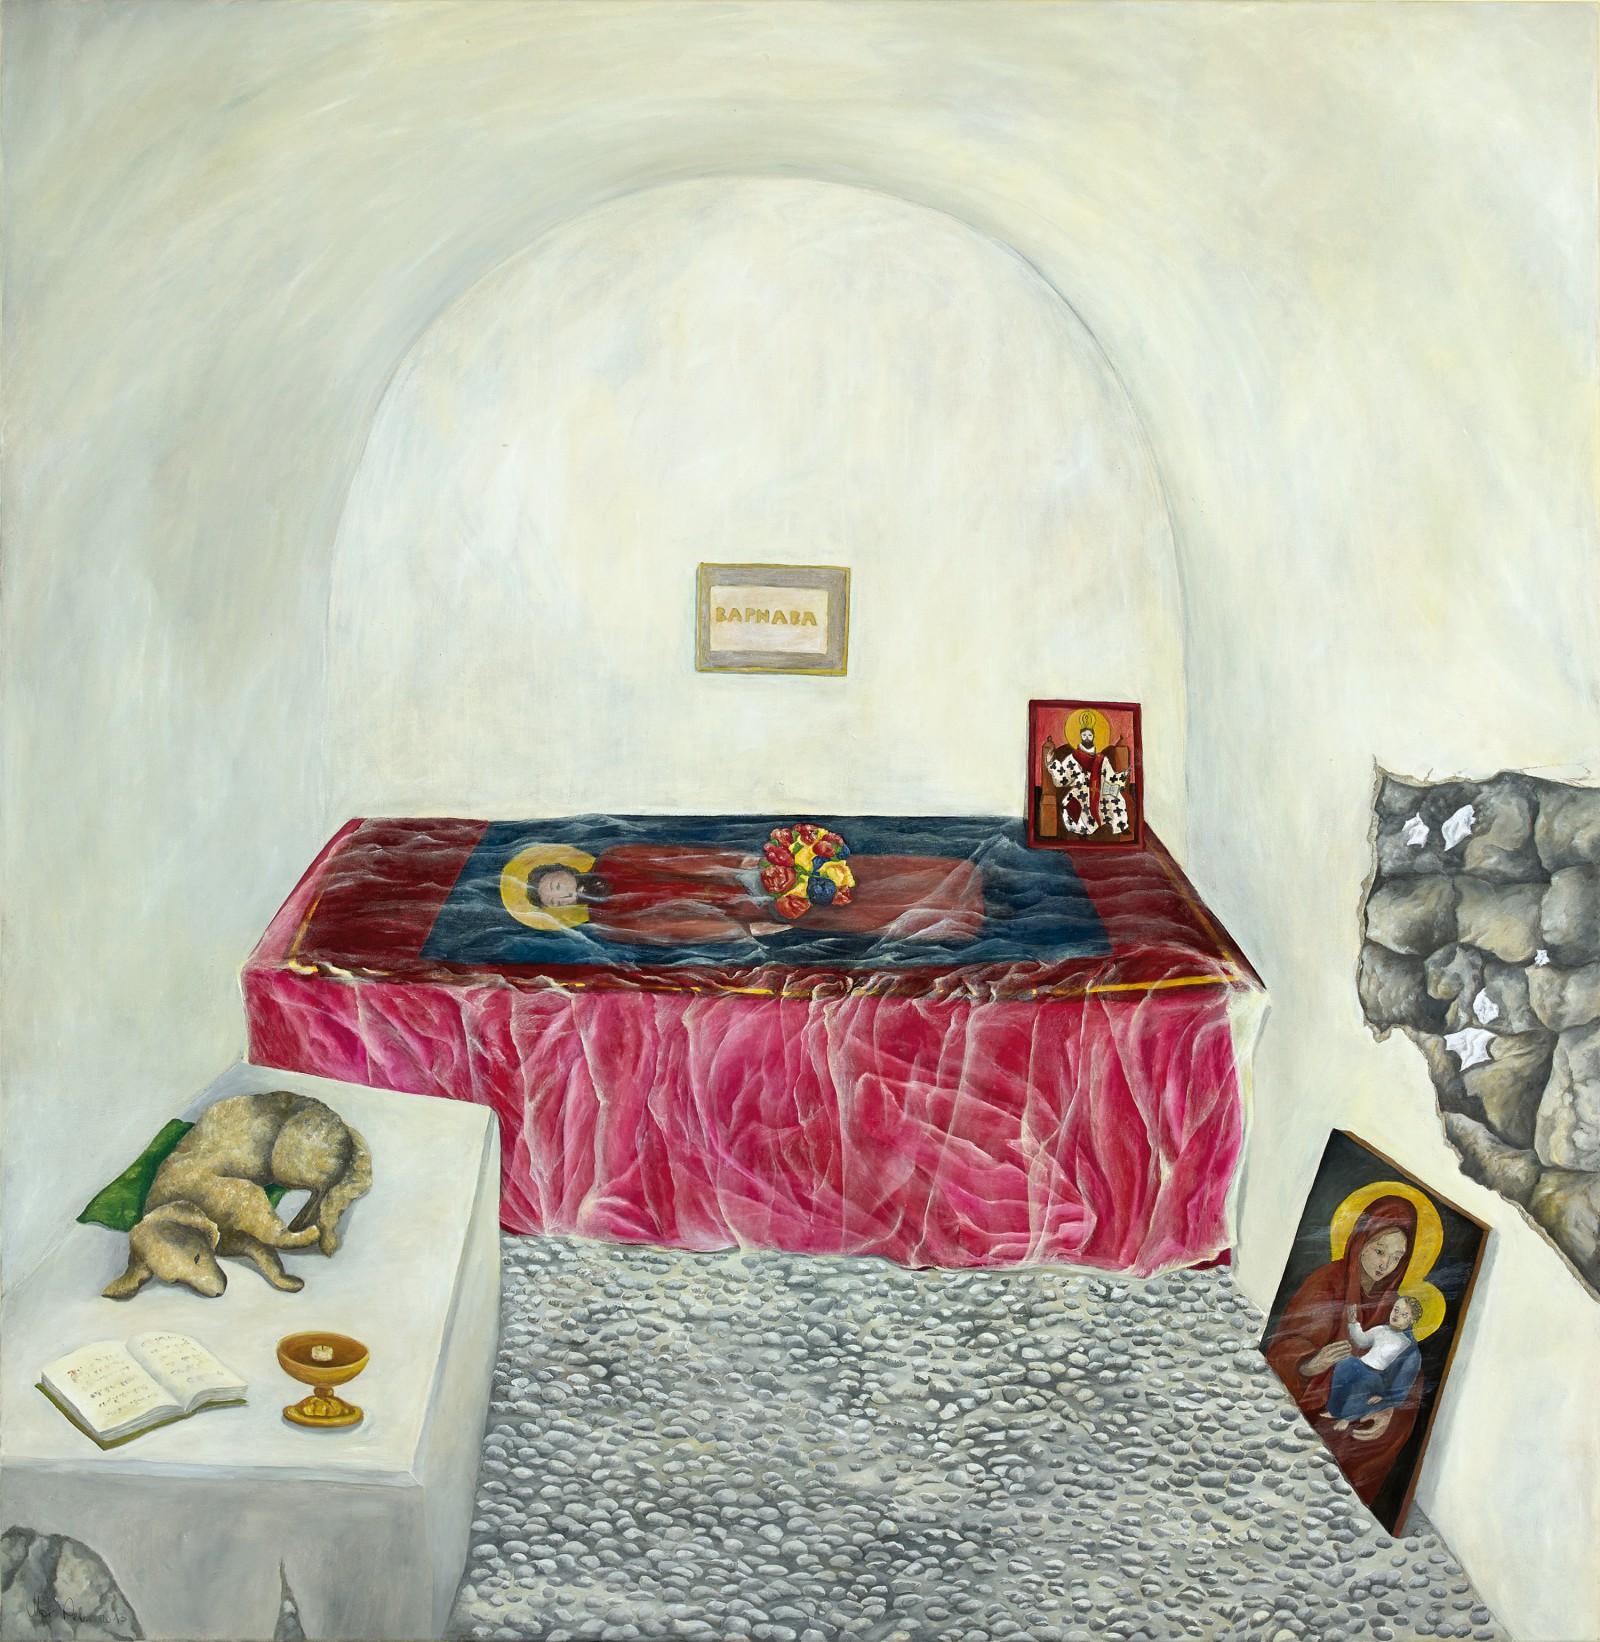 Hund im Grab des heiligen Barnabas auf Nordzypern